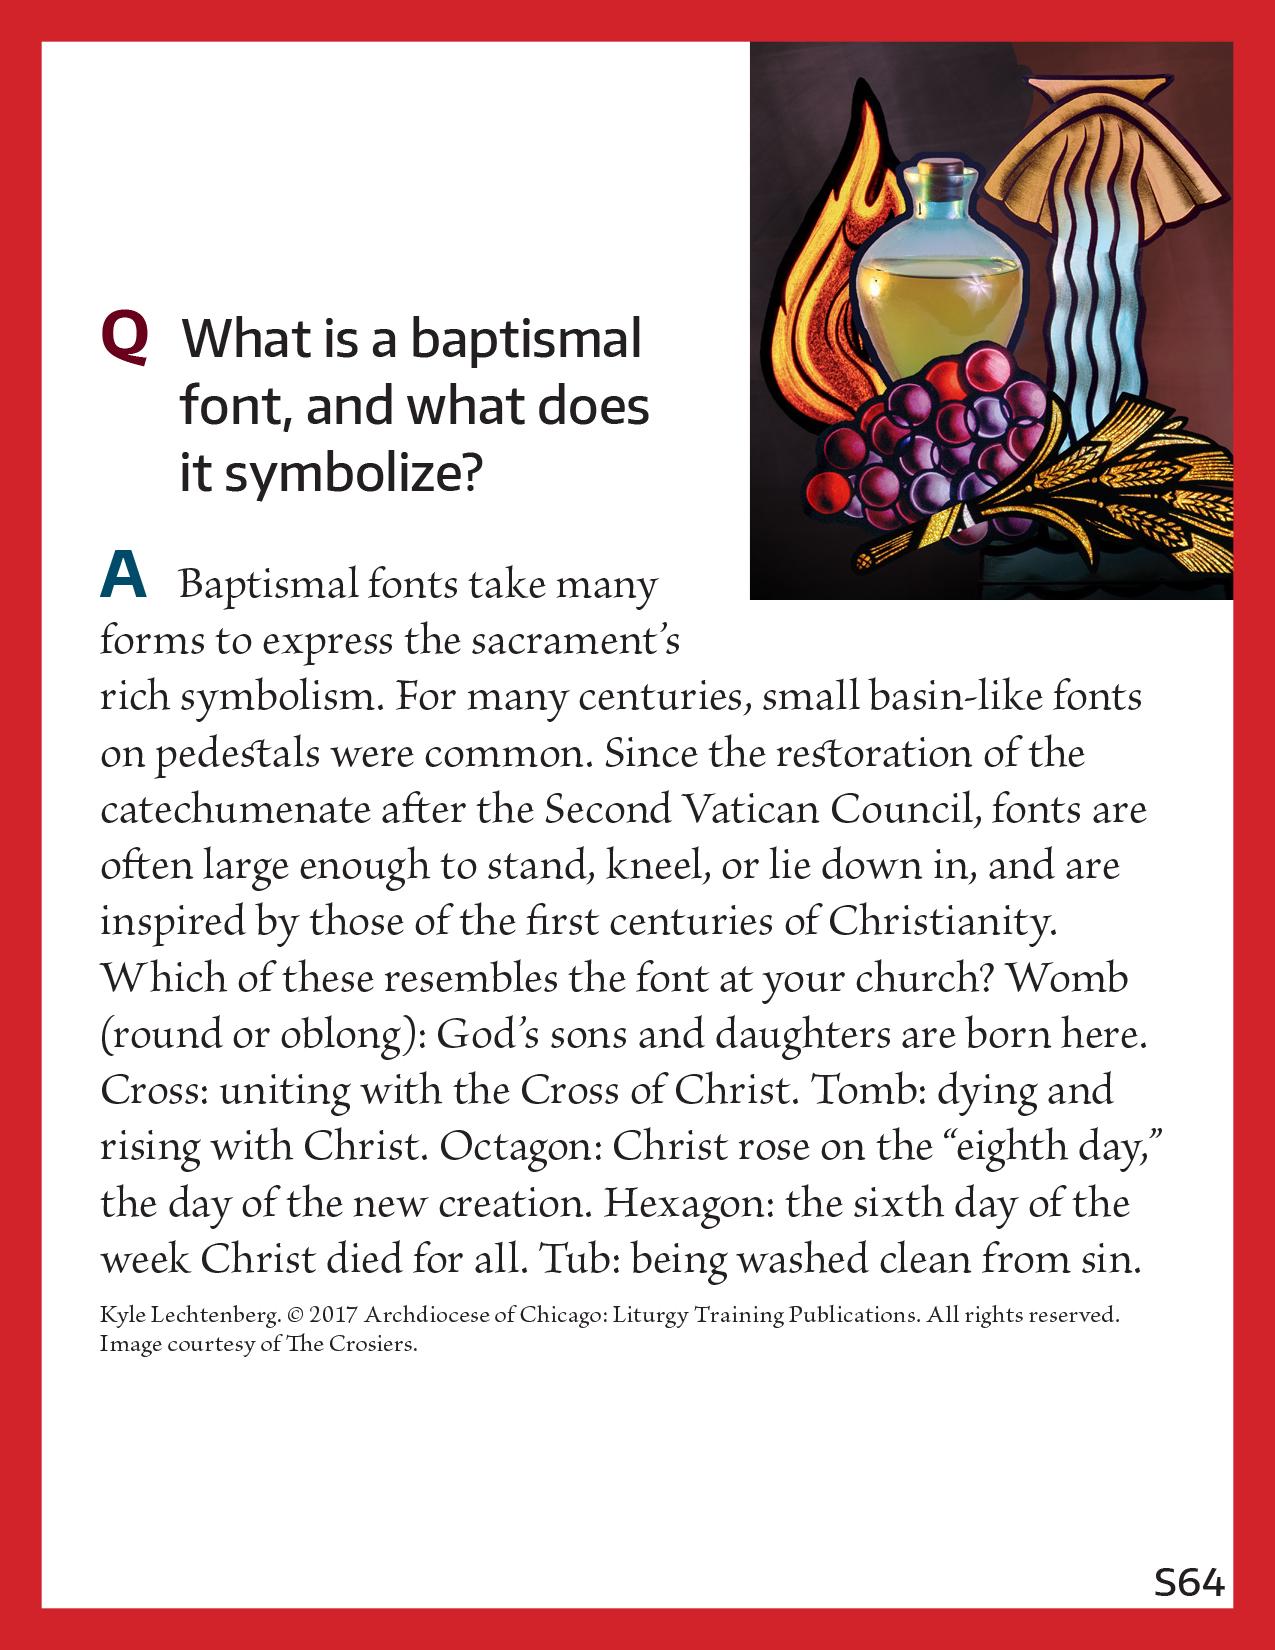 S64-baptismal-font.jpg